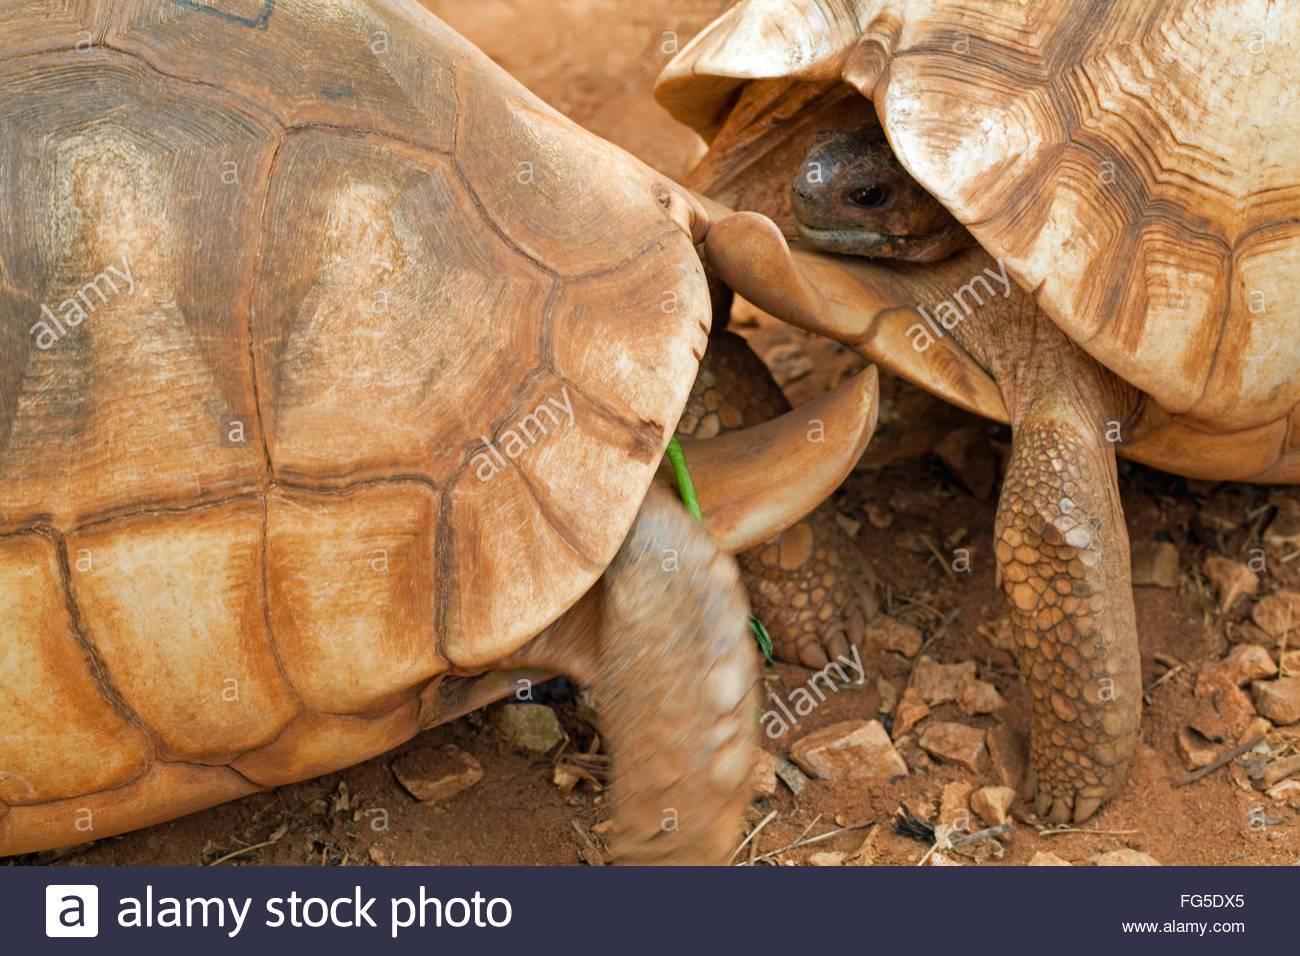 Мадагаскарская клювогрудая черепаха википедия